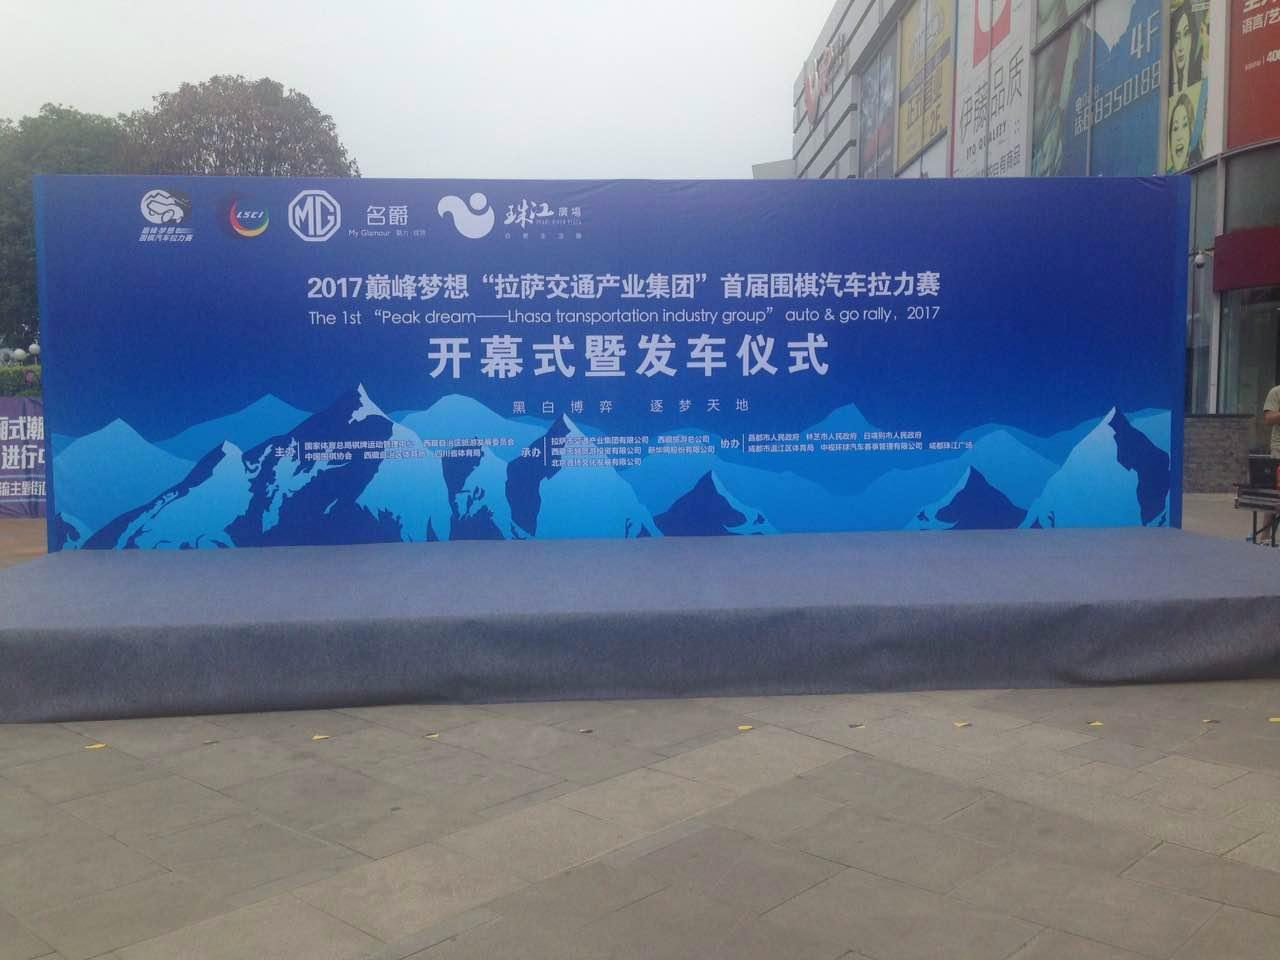 直播:2017巅峰梦想首届围棋汽车拉力赛在成都举行发车仪式